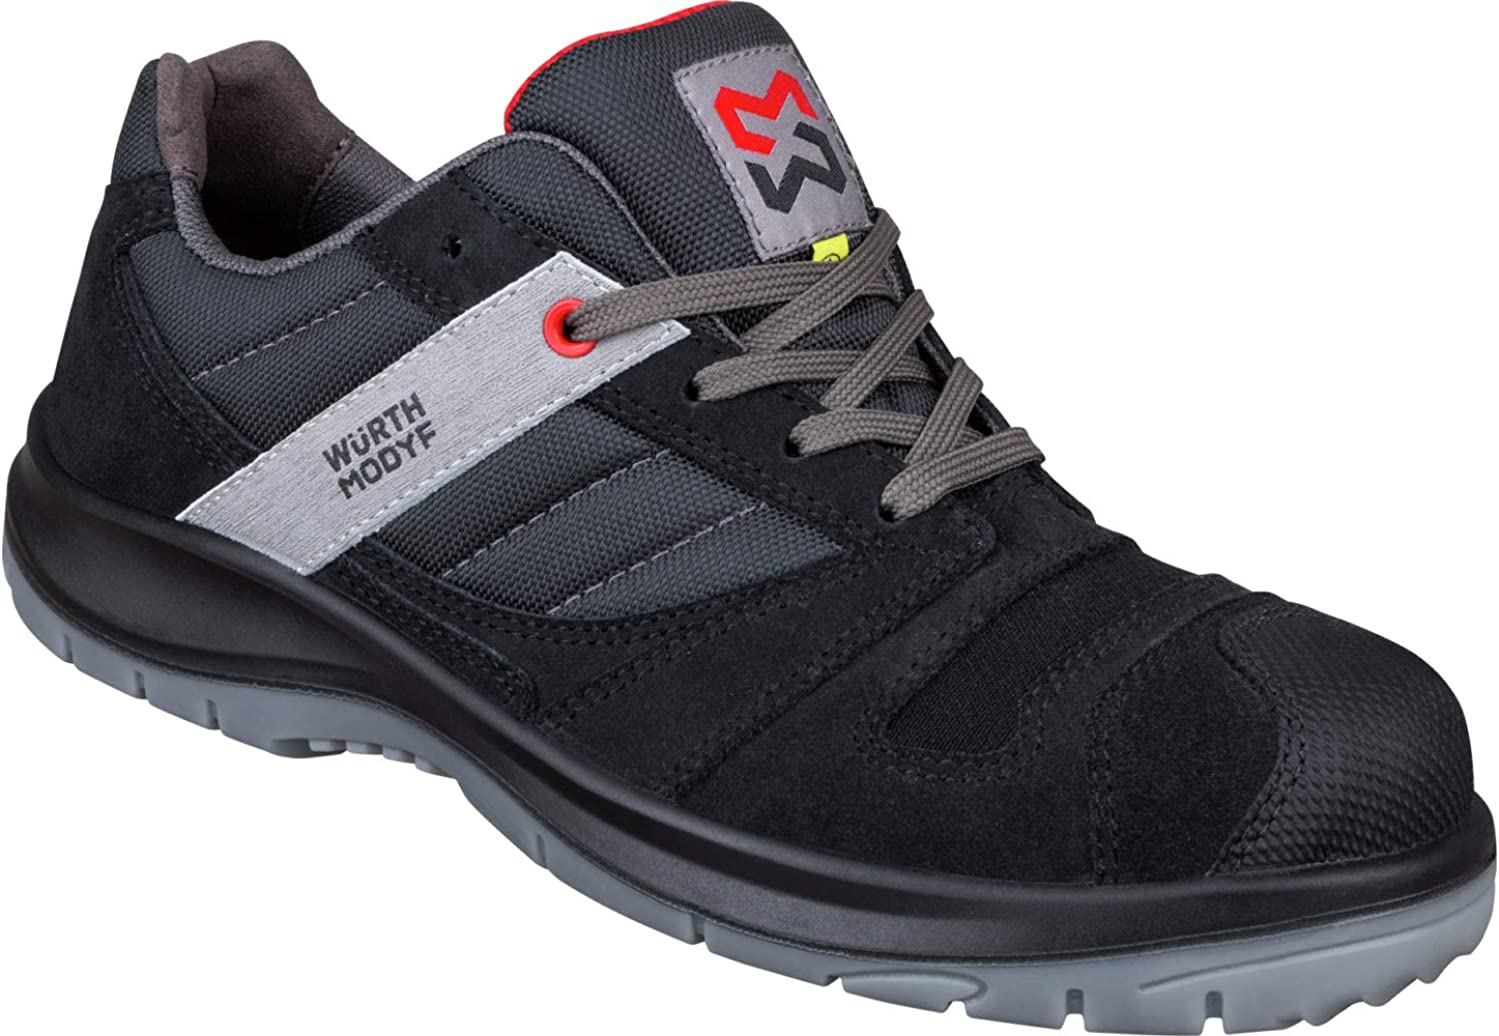 WÜRTH MODYF Chaussures de sécurité S3 ESD Stretch X Noires